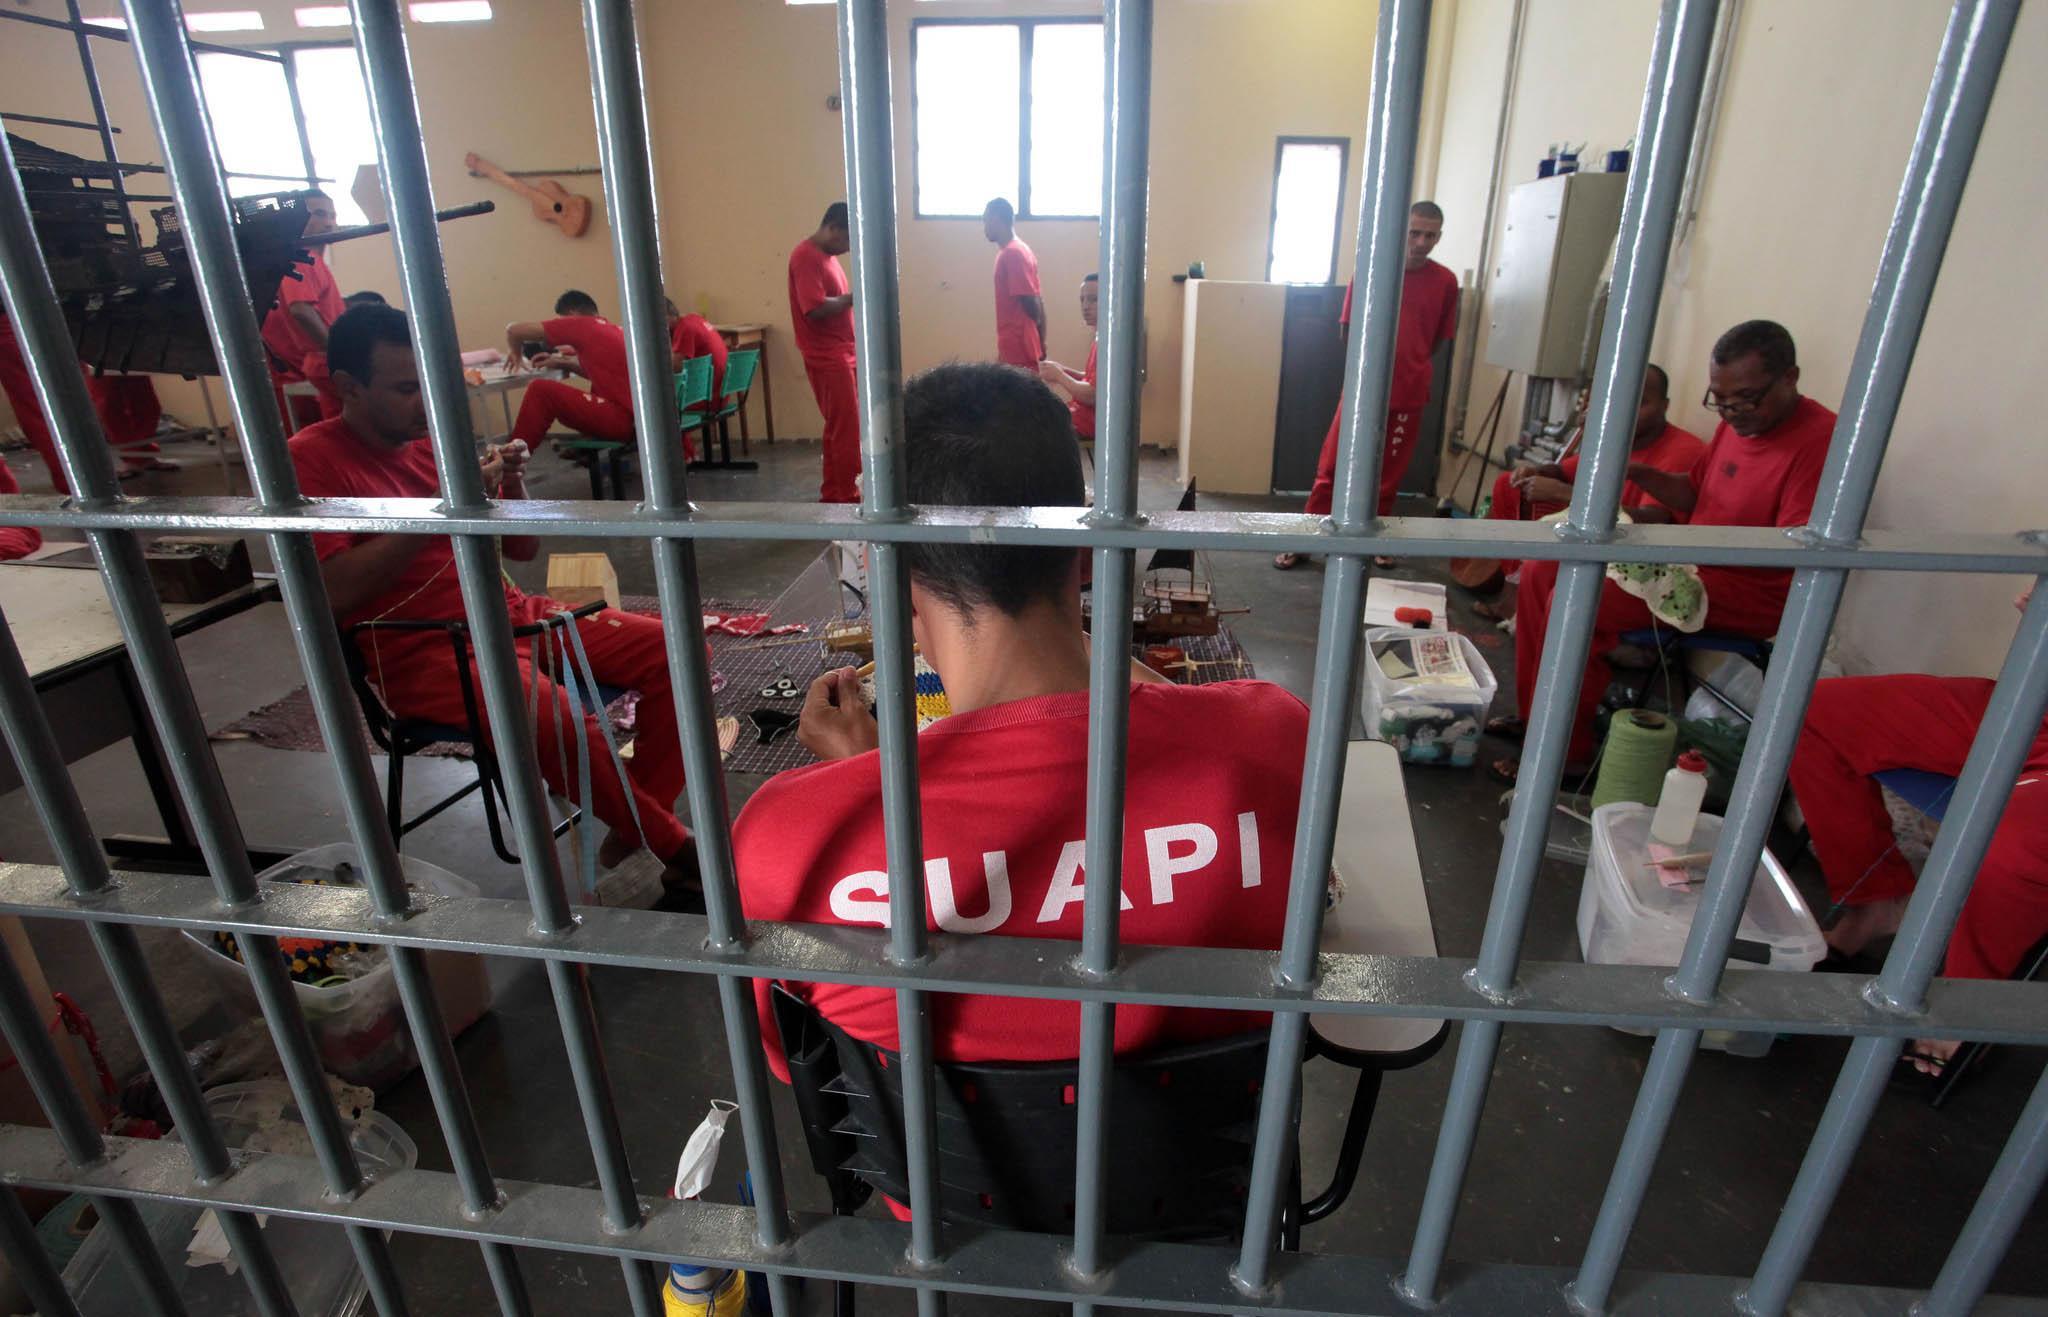 Segurança - presídio - penitenciárias presos prisões